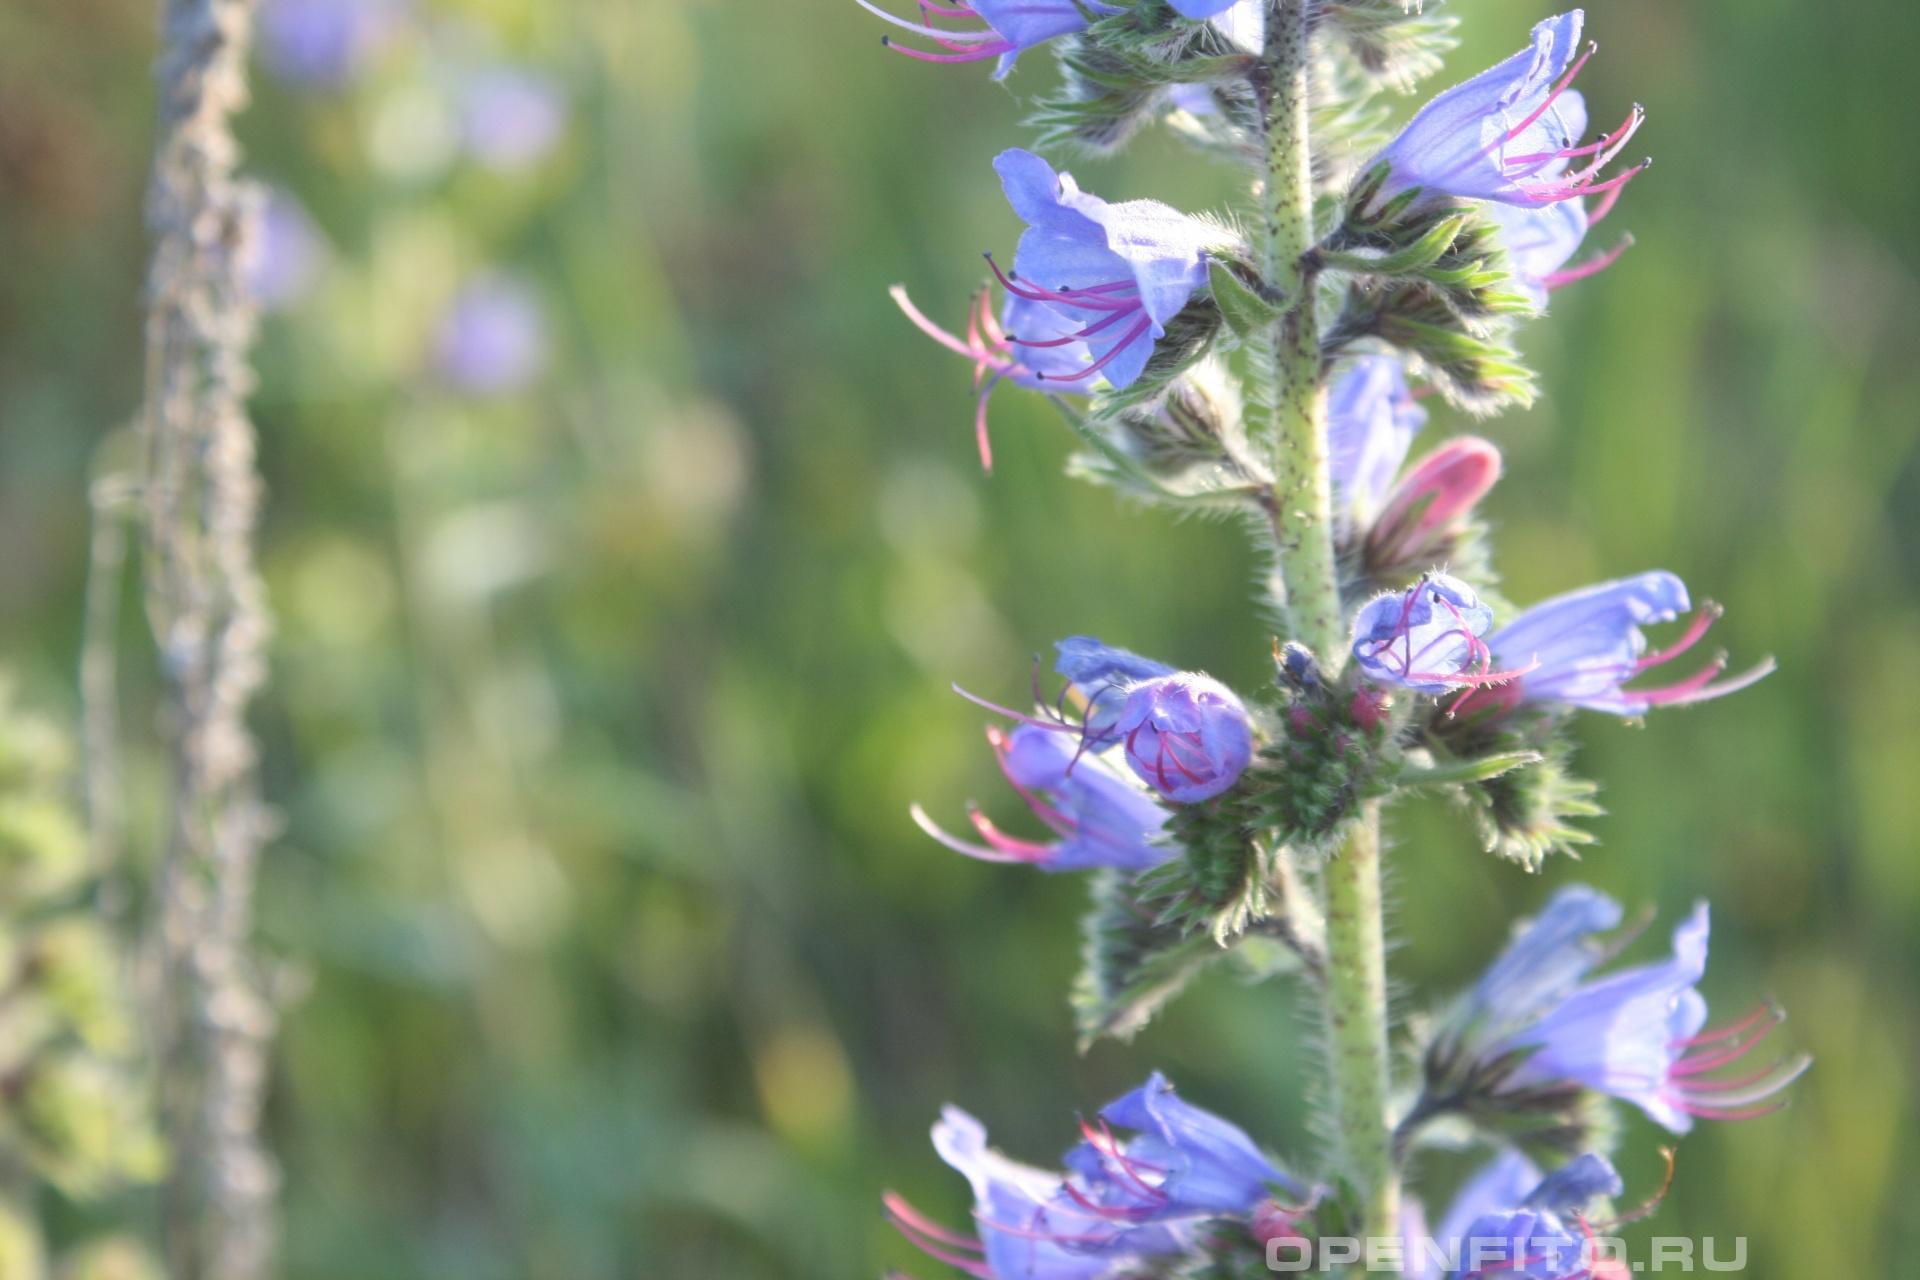 Синяк медоносное и лекарственное растение